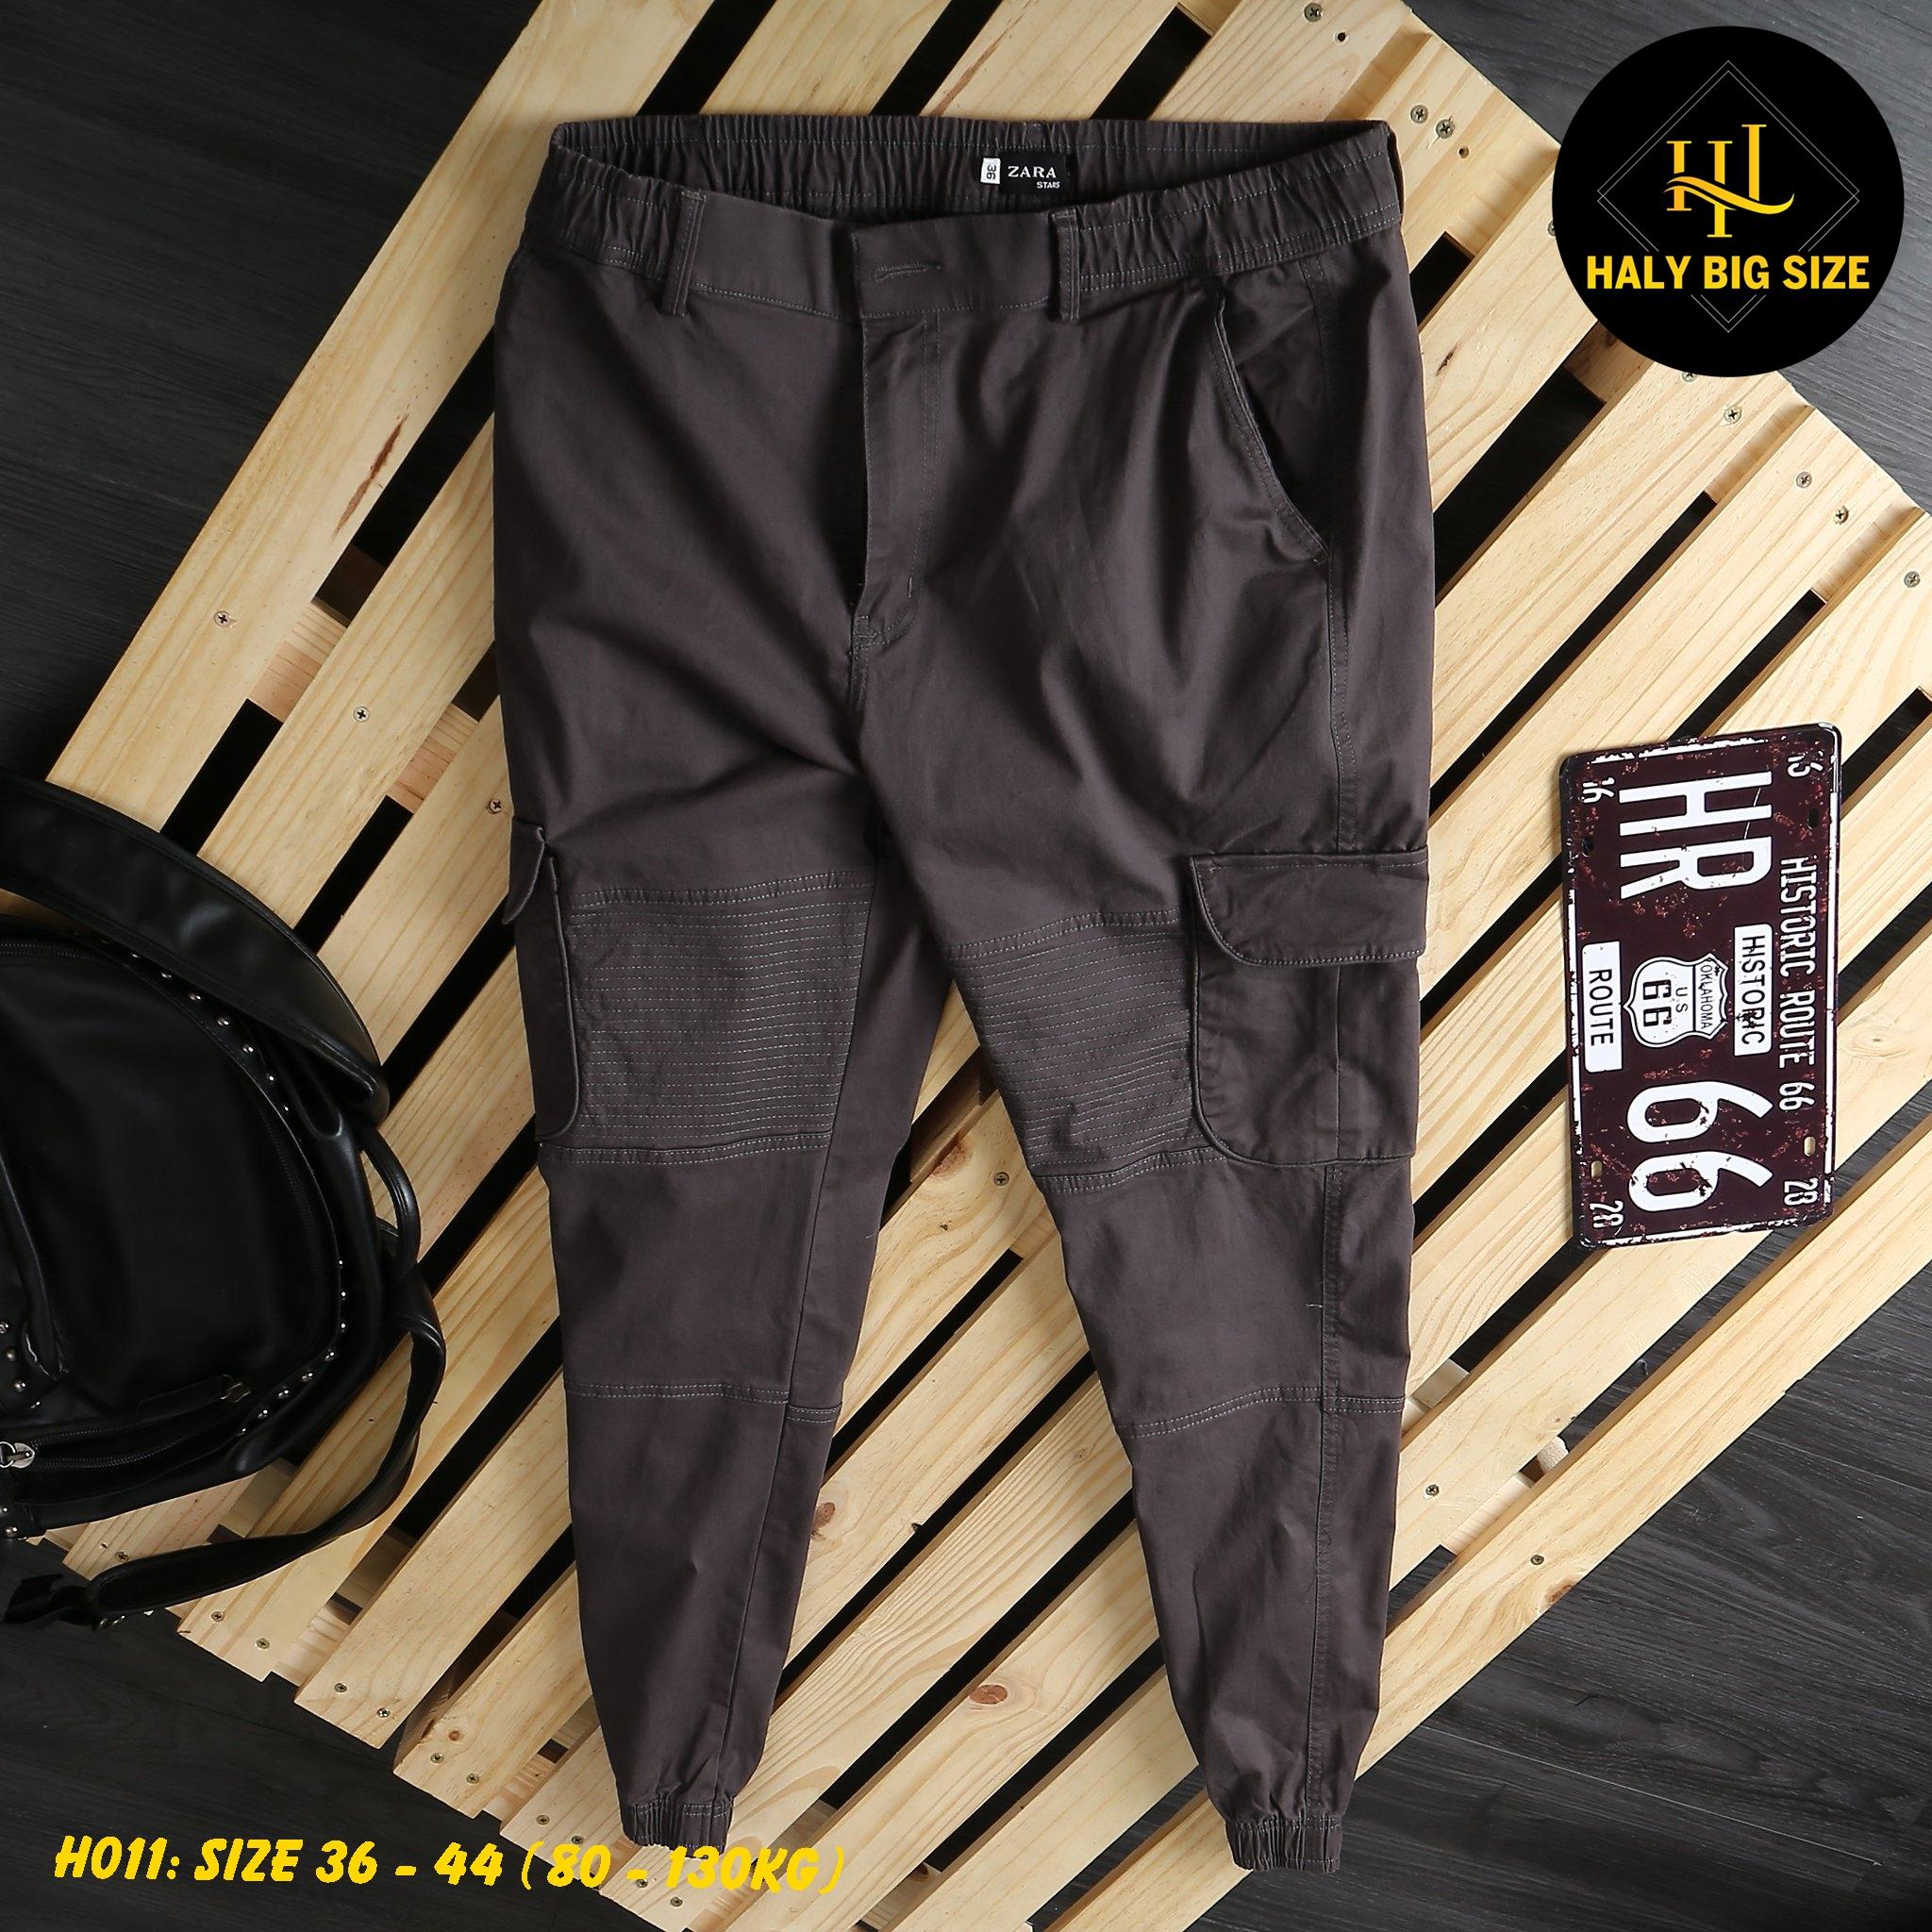 H011-quan-jogger-kaki-nam-big-size-ong-tum-2